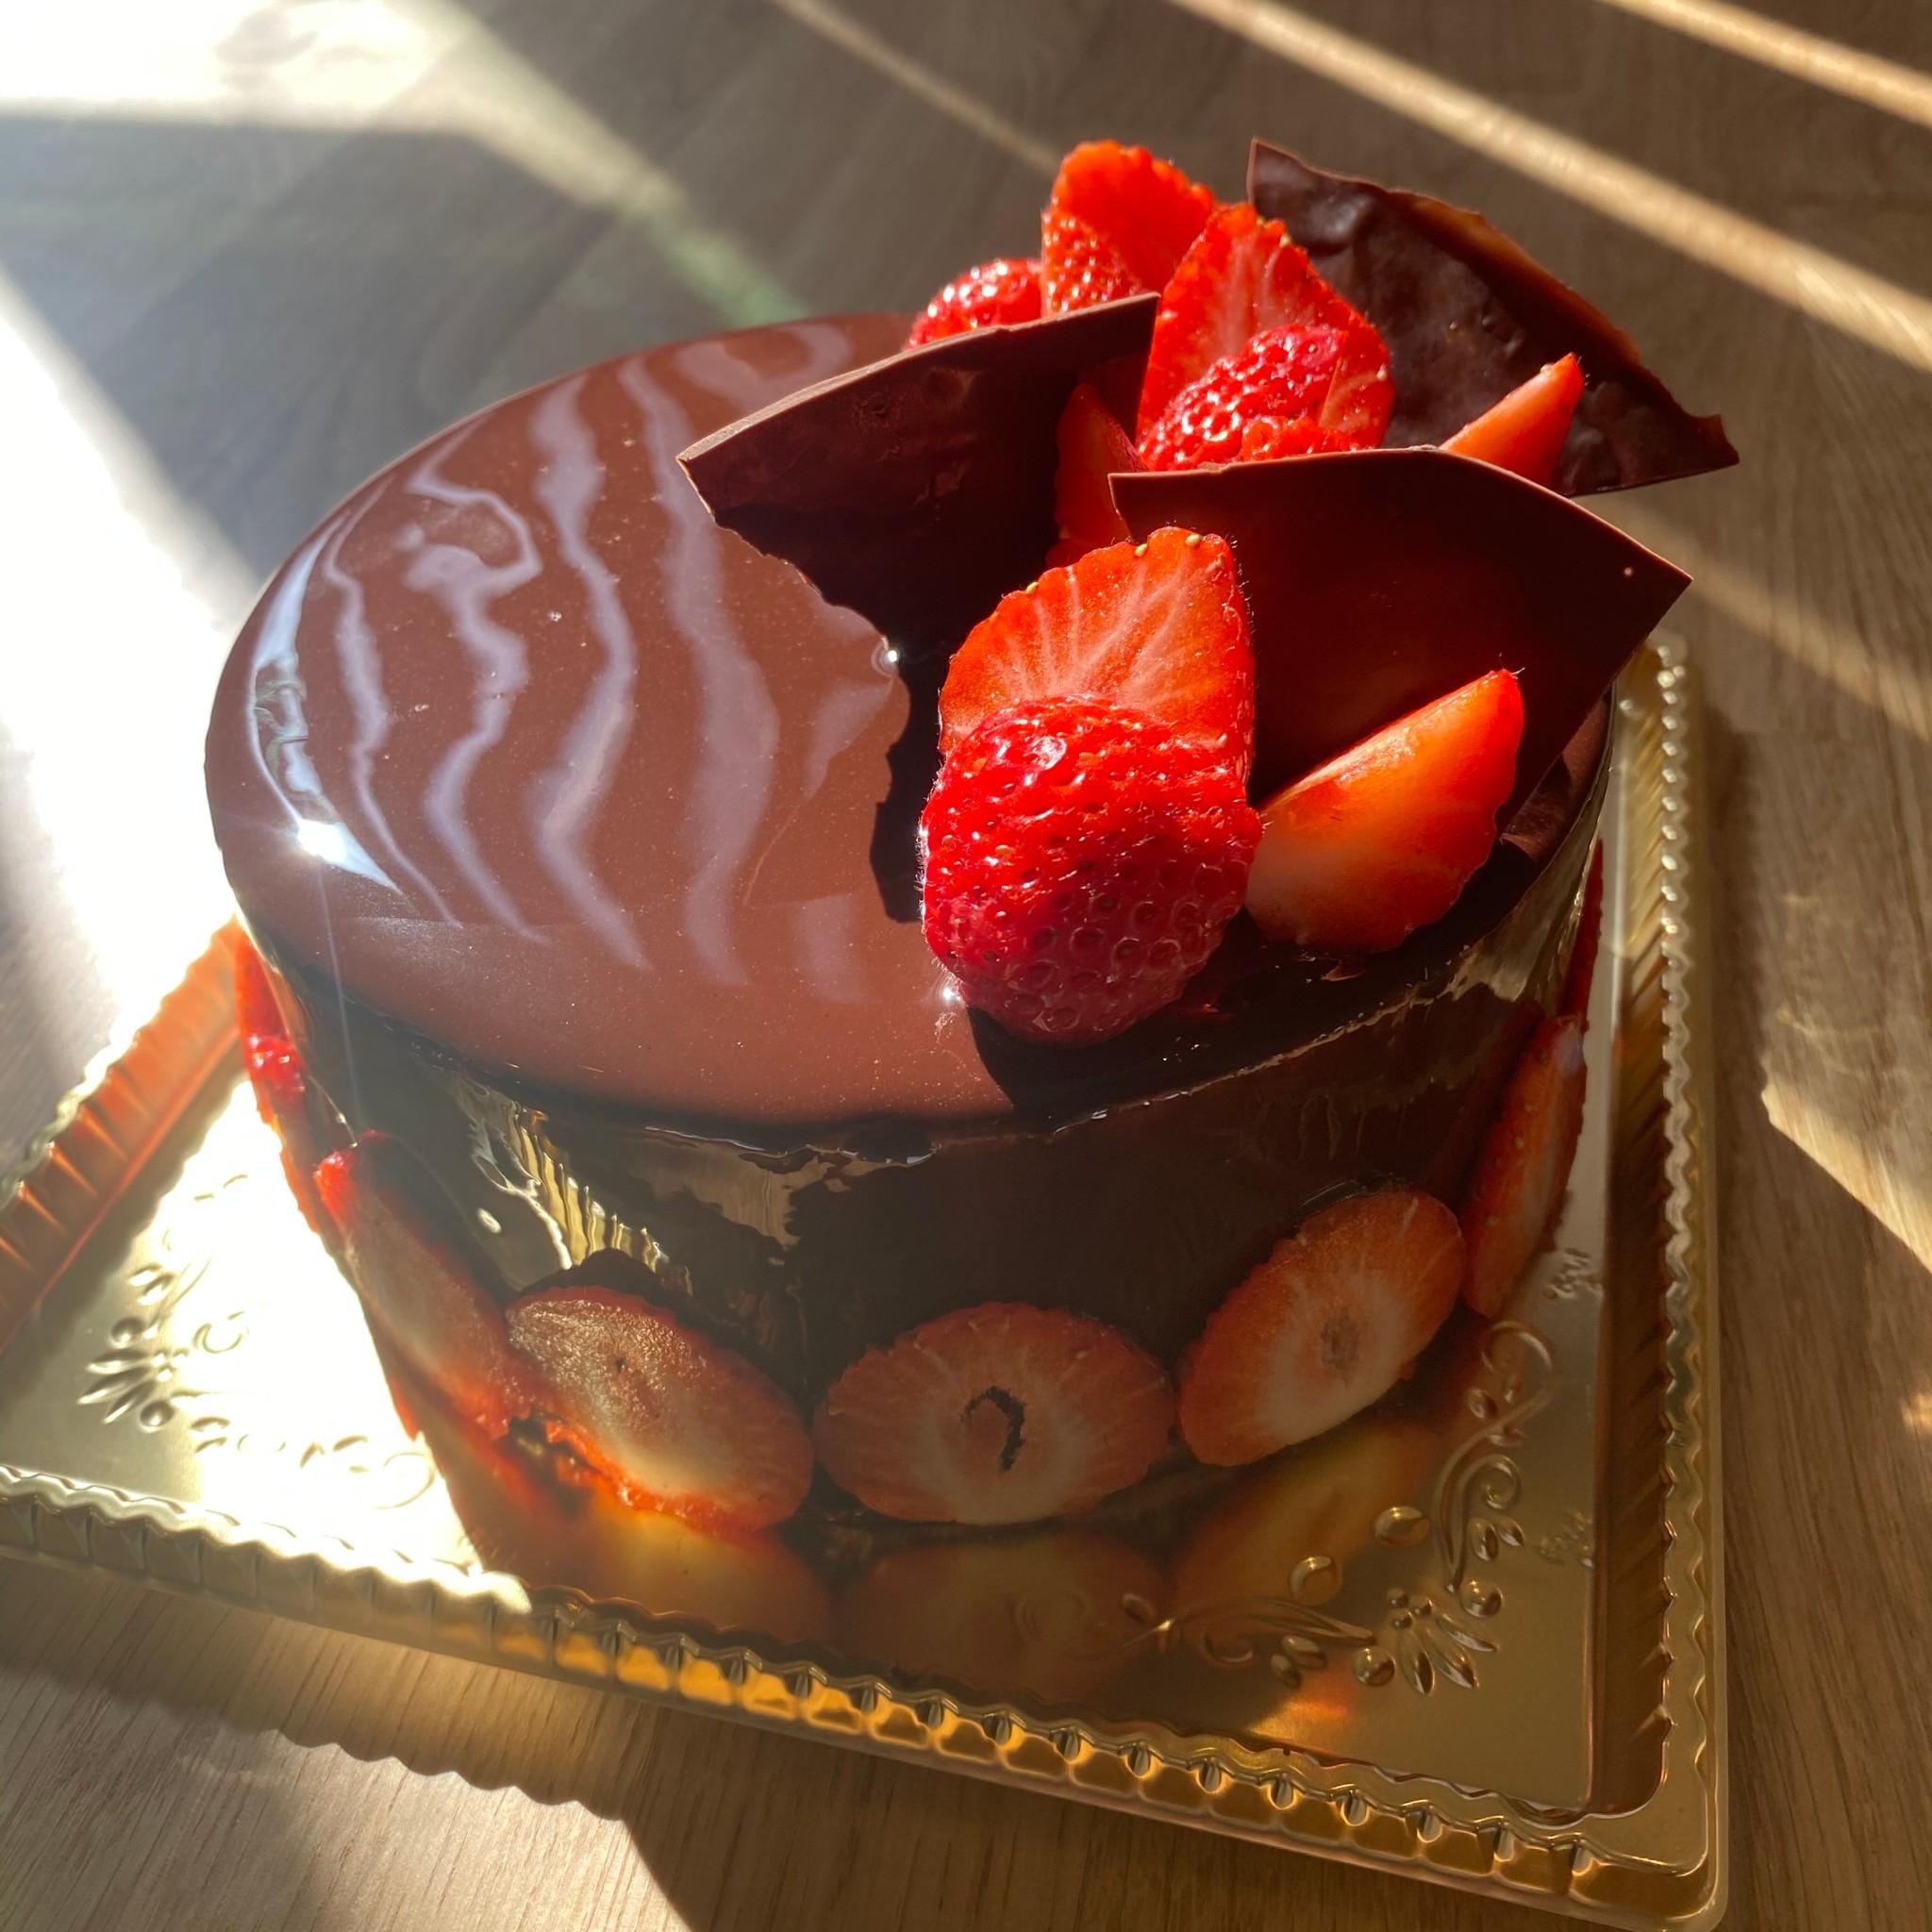 ホールケーキはお客様とご相談のうえ、世界に一つだけのケーキを制作致します。